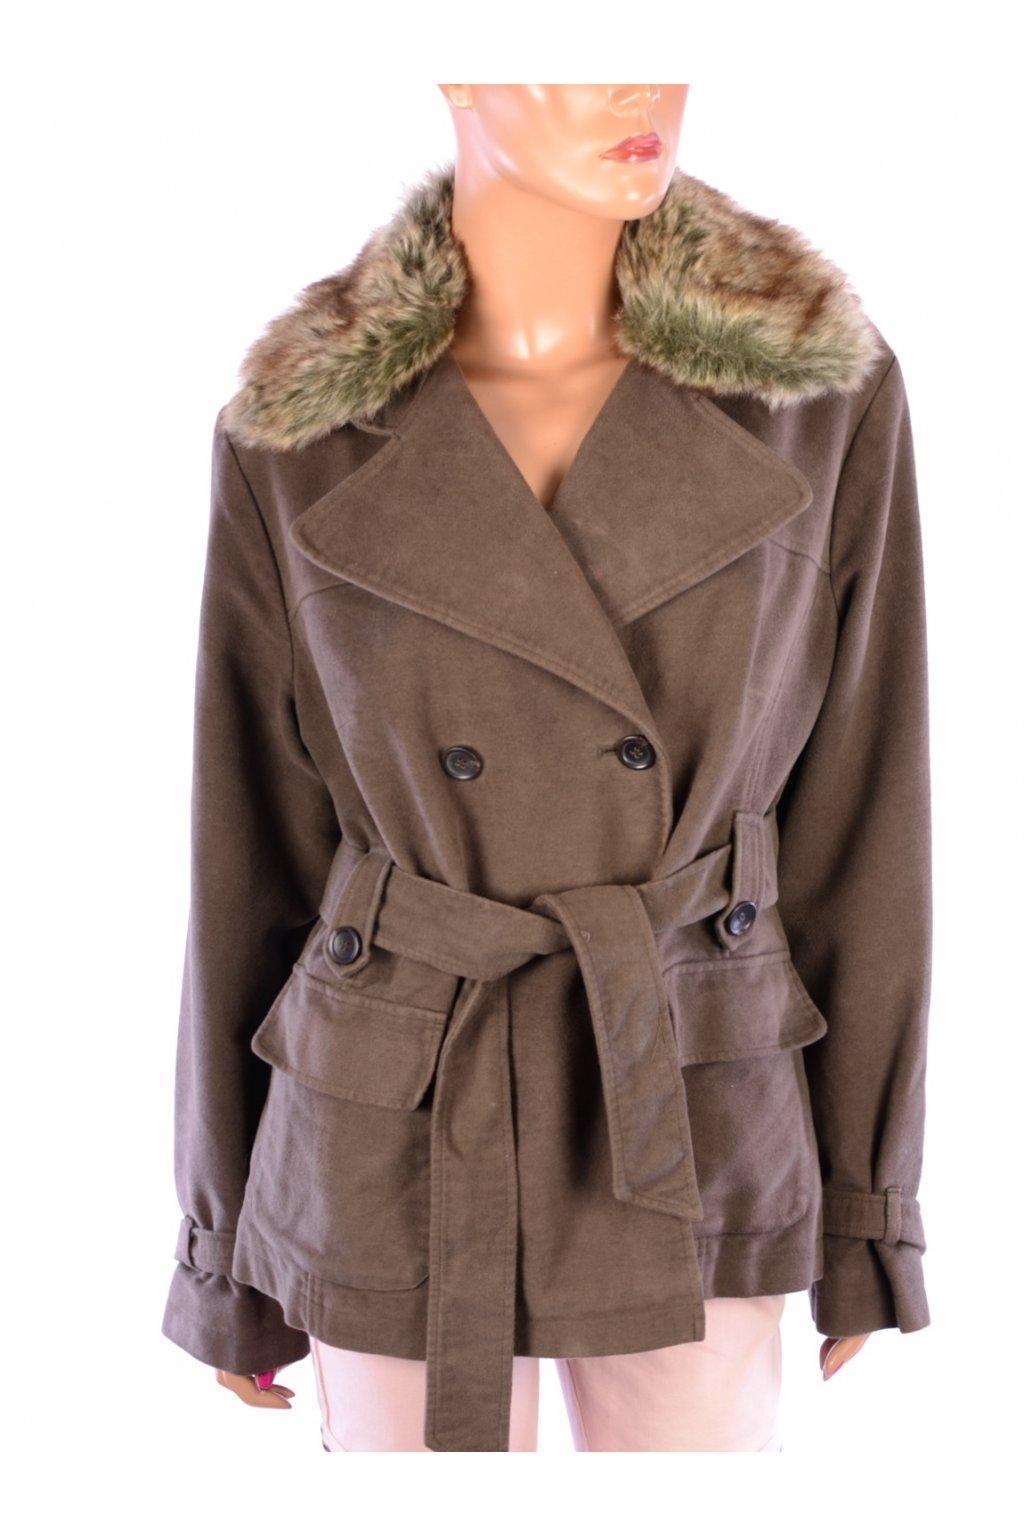 Kabát přechodní s kožíškem hnědý Marks&Spencer vel. 14 / M